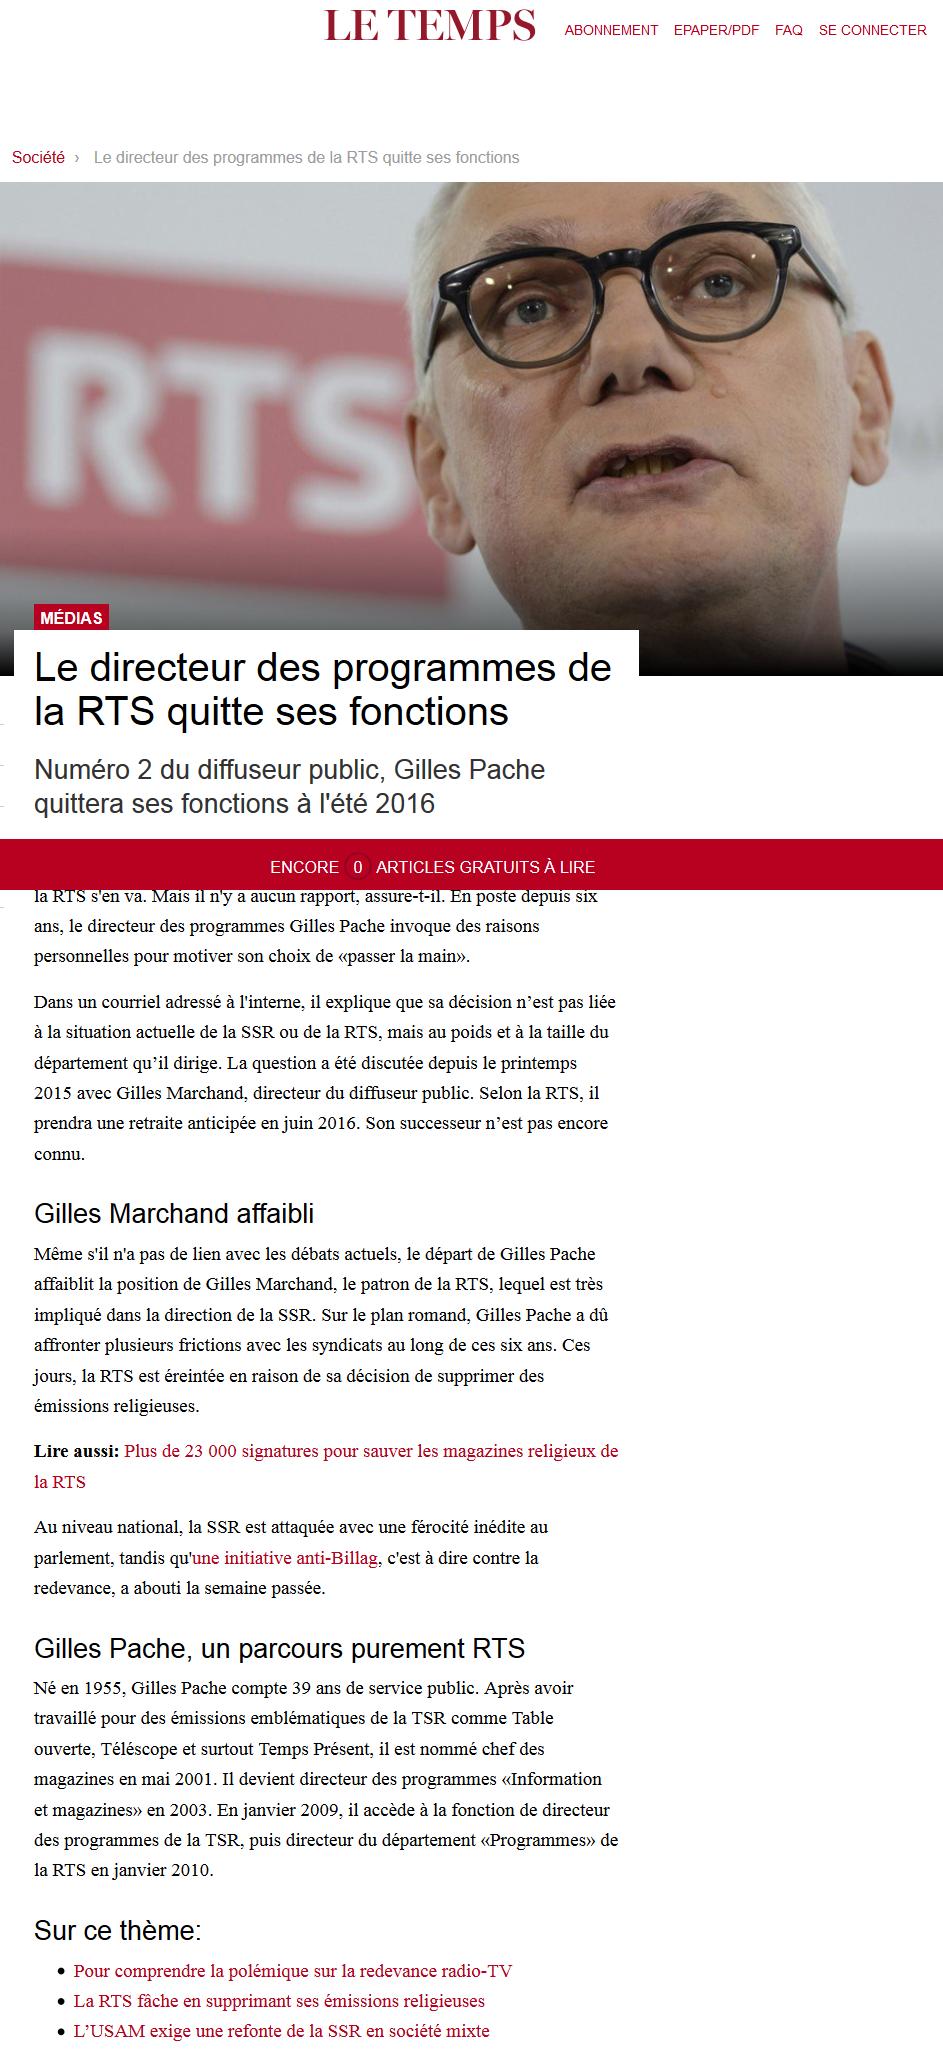 2016-01-18 Le directeur des programmes de la RTS quitte ses fonctions (Le Temps)